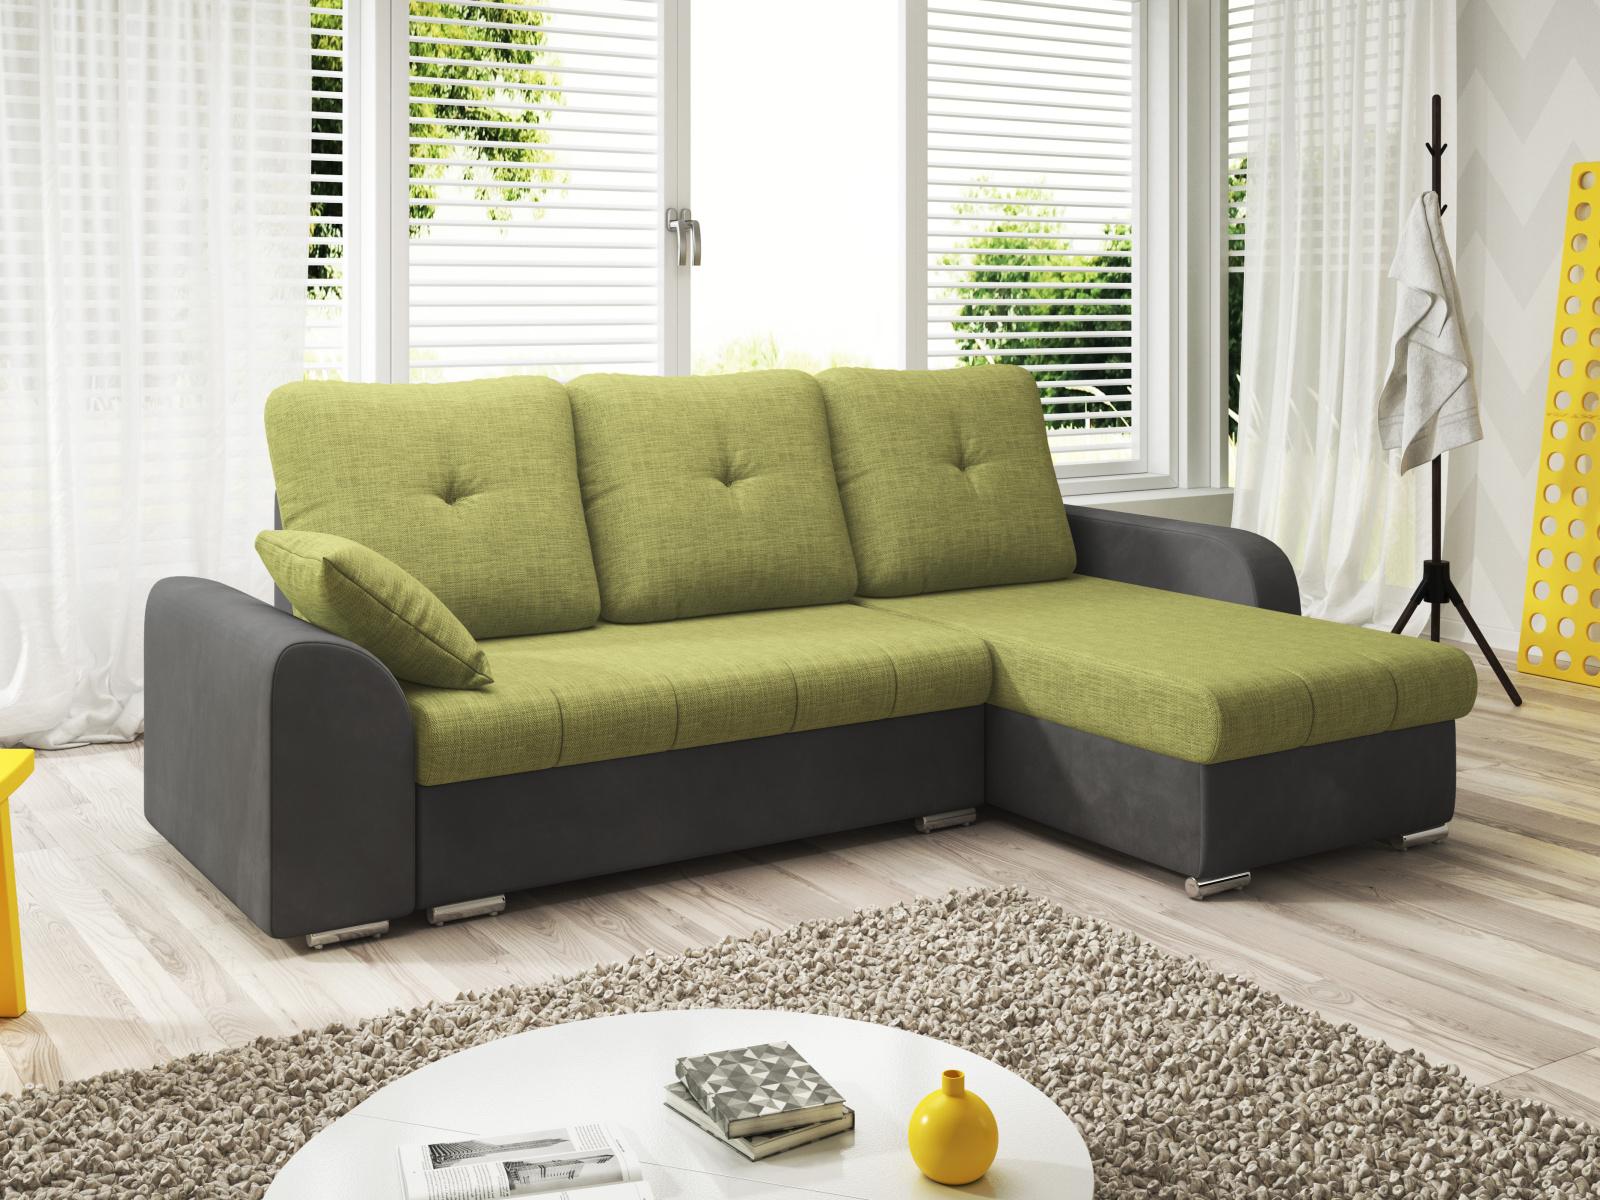 Smartshop Rohová sedačka DARLA 1-251 pravá, zelená látka/šedá látka